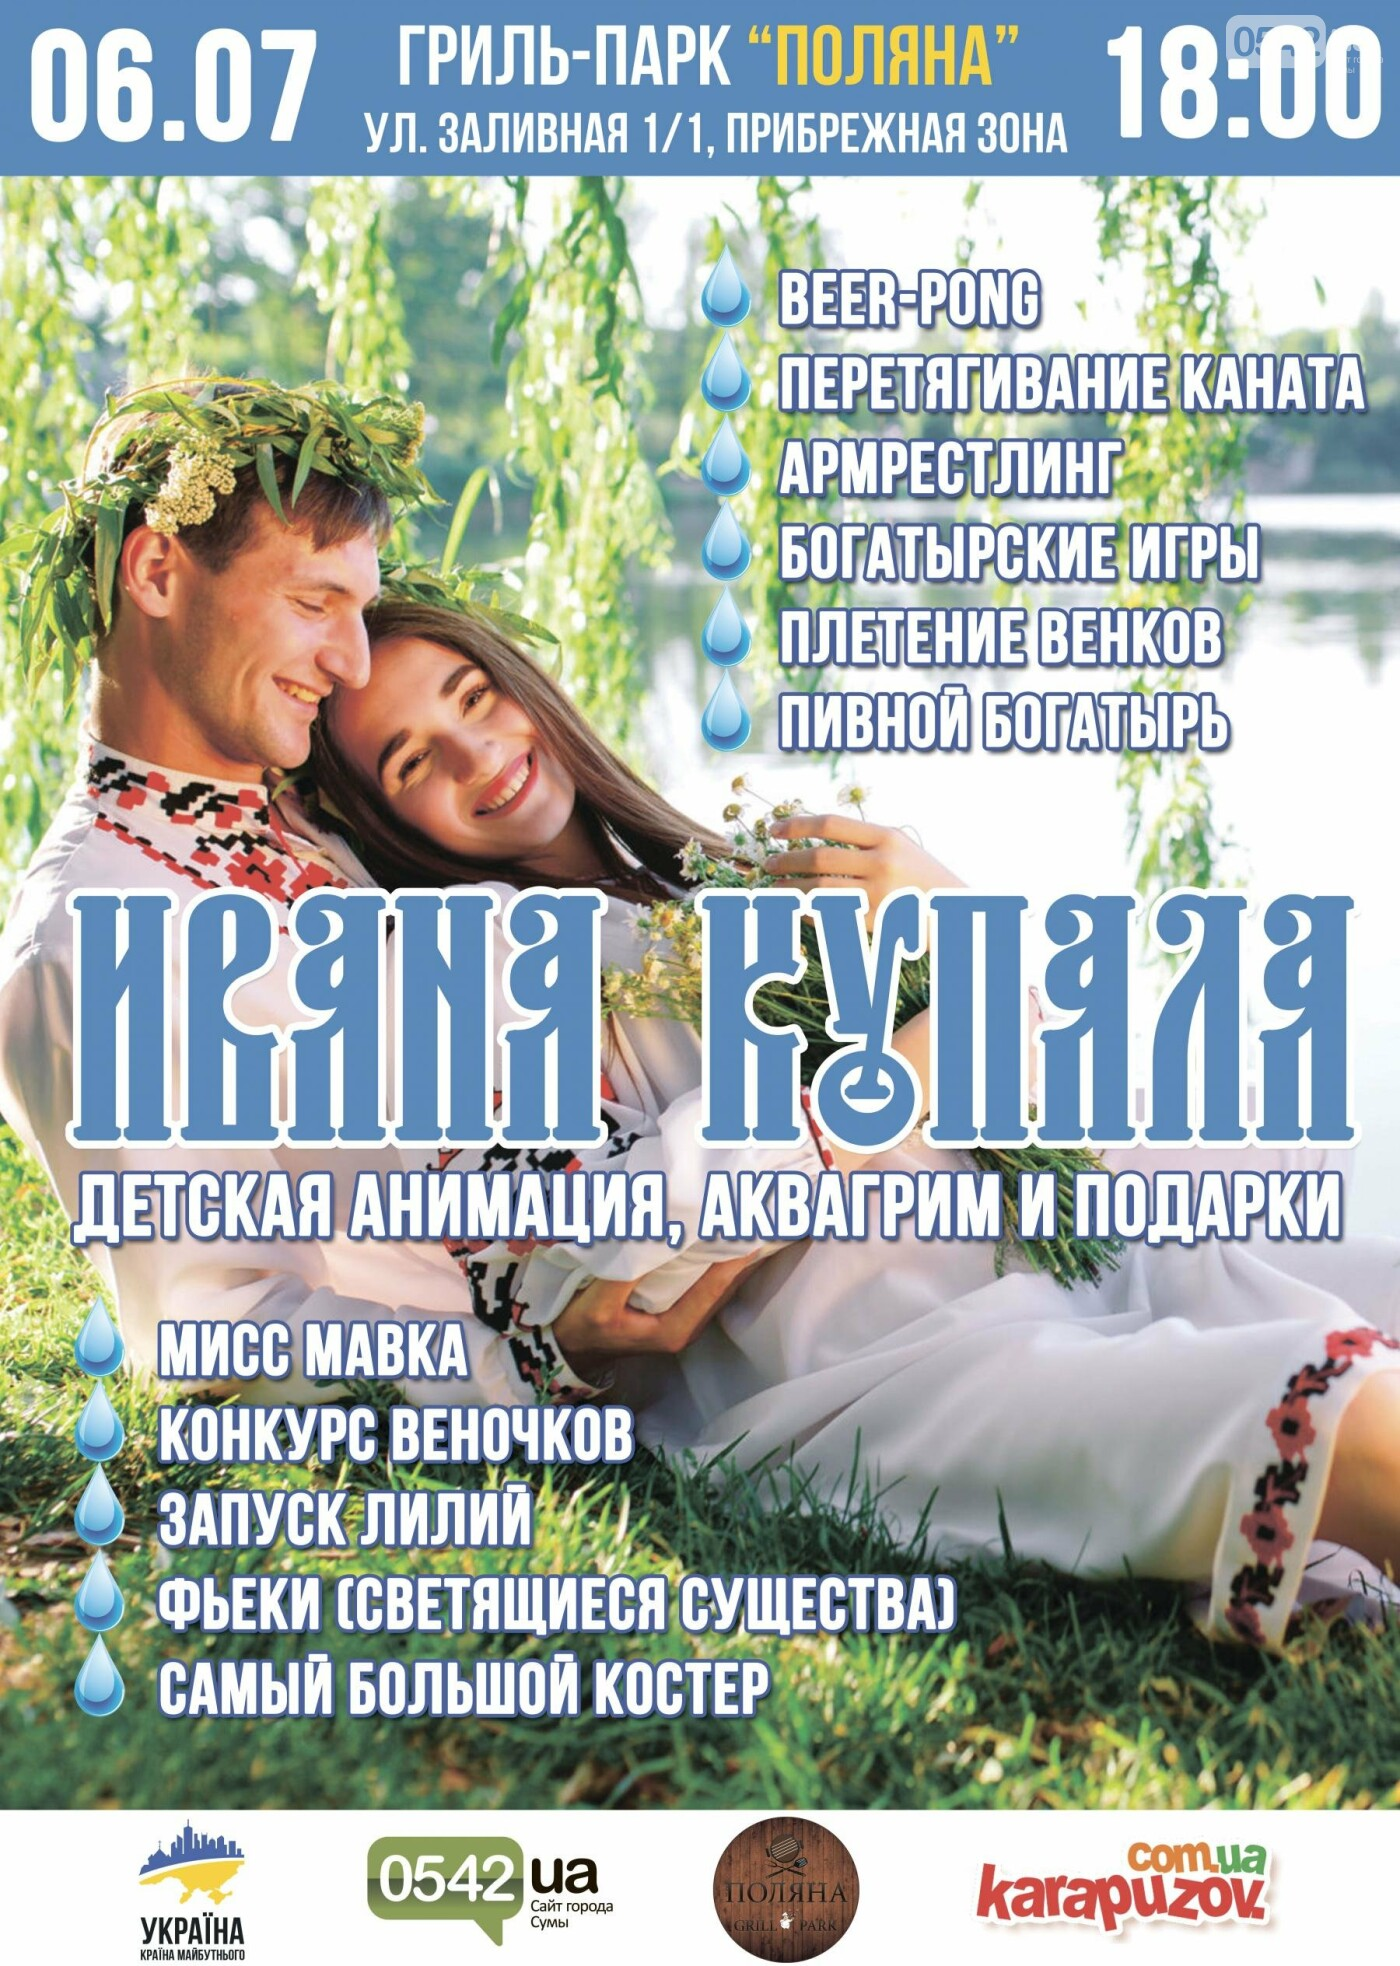 Гриль-парк «Поляна» приглашает сумчан на празднование «Ивана Купала», фото-1